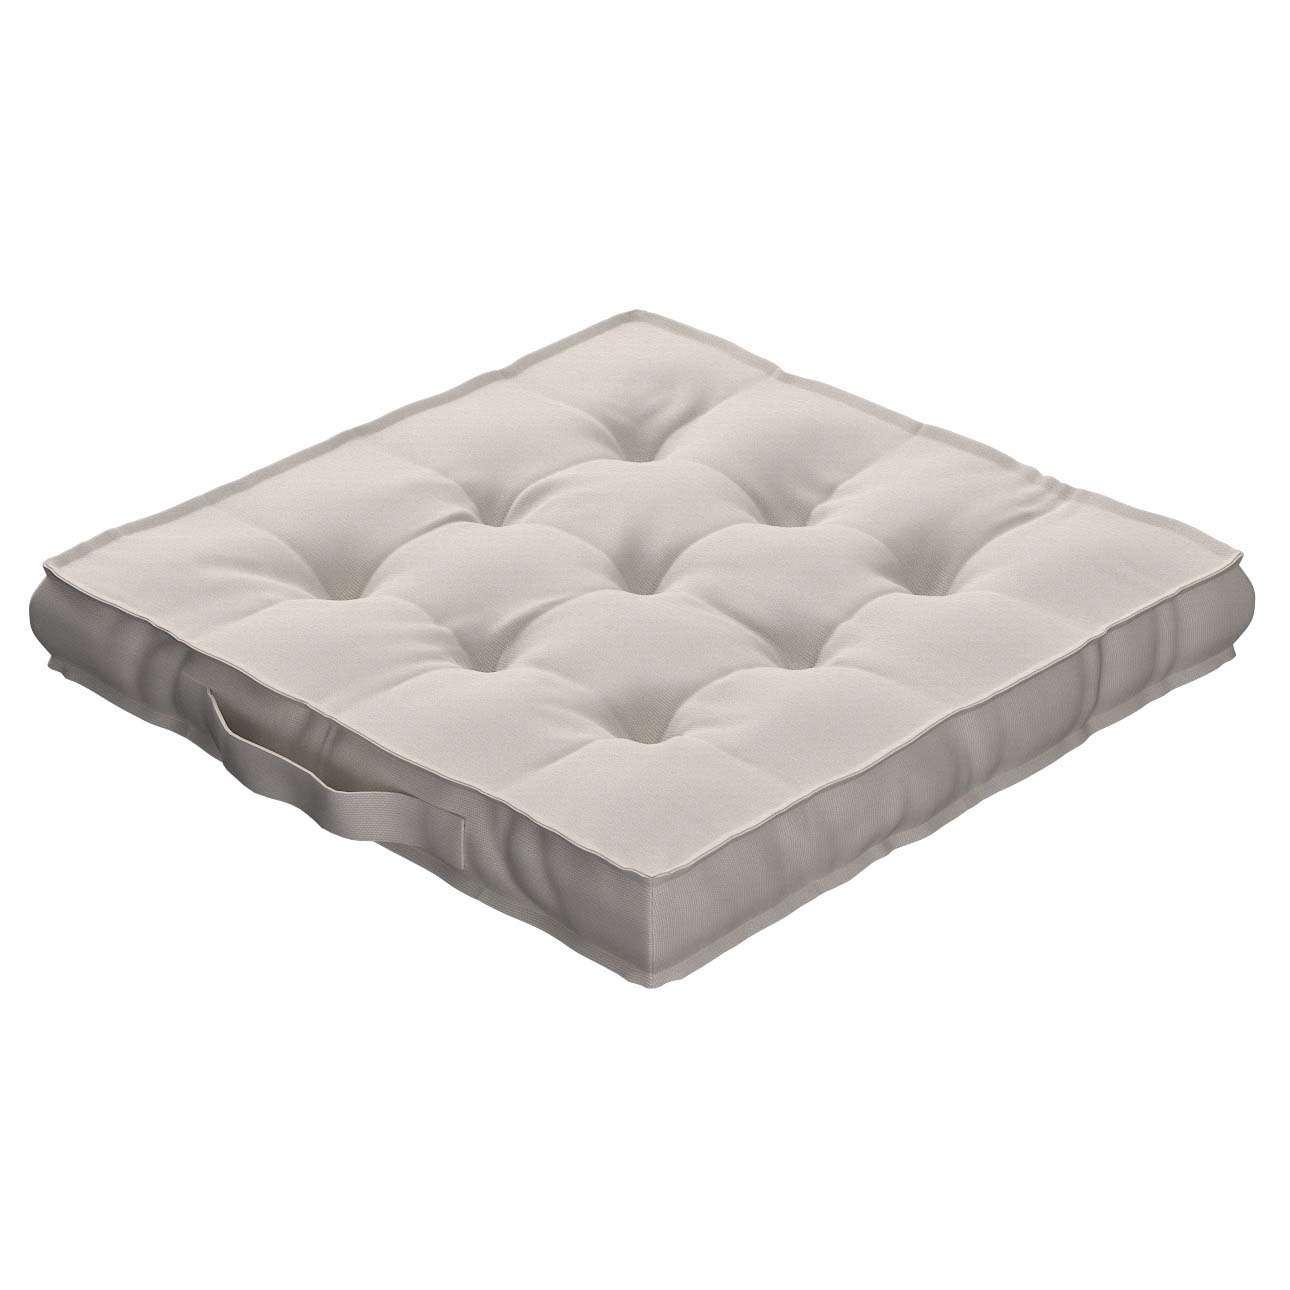 Sitzkissen Jacob mit Handgriff 40 x 40 x 6 cm von der Kollektion Cotton Panama, Stoff: 702-31